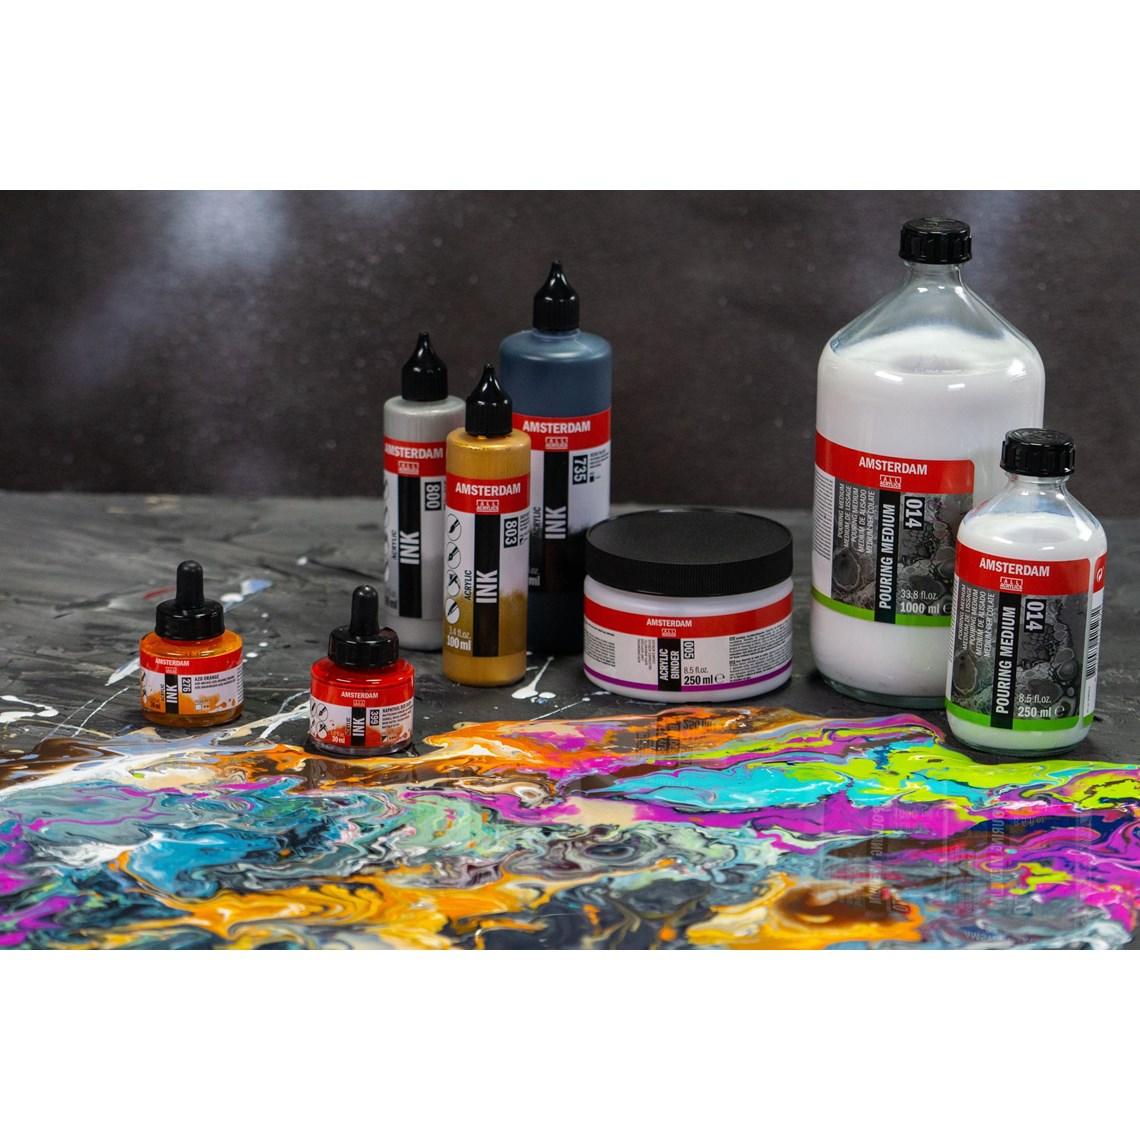 Vloeibaar acrylmedium voor acrylic pouring. Droogt met acrylverf of acrylic inkt. Verdunbaar met water. Ideaal voor het gieten met acrylverf